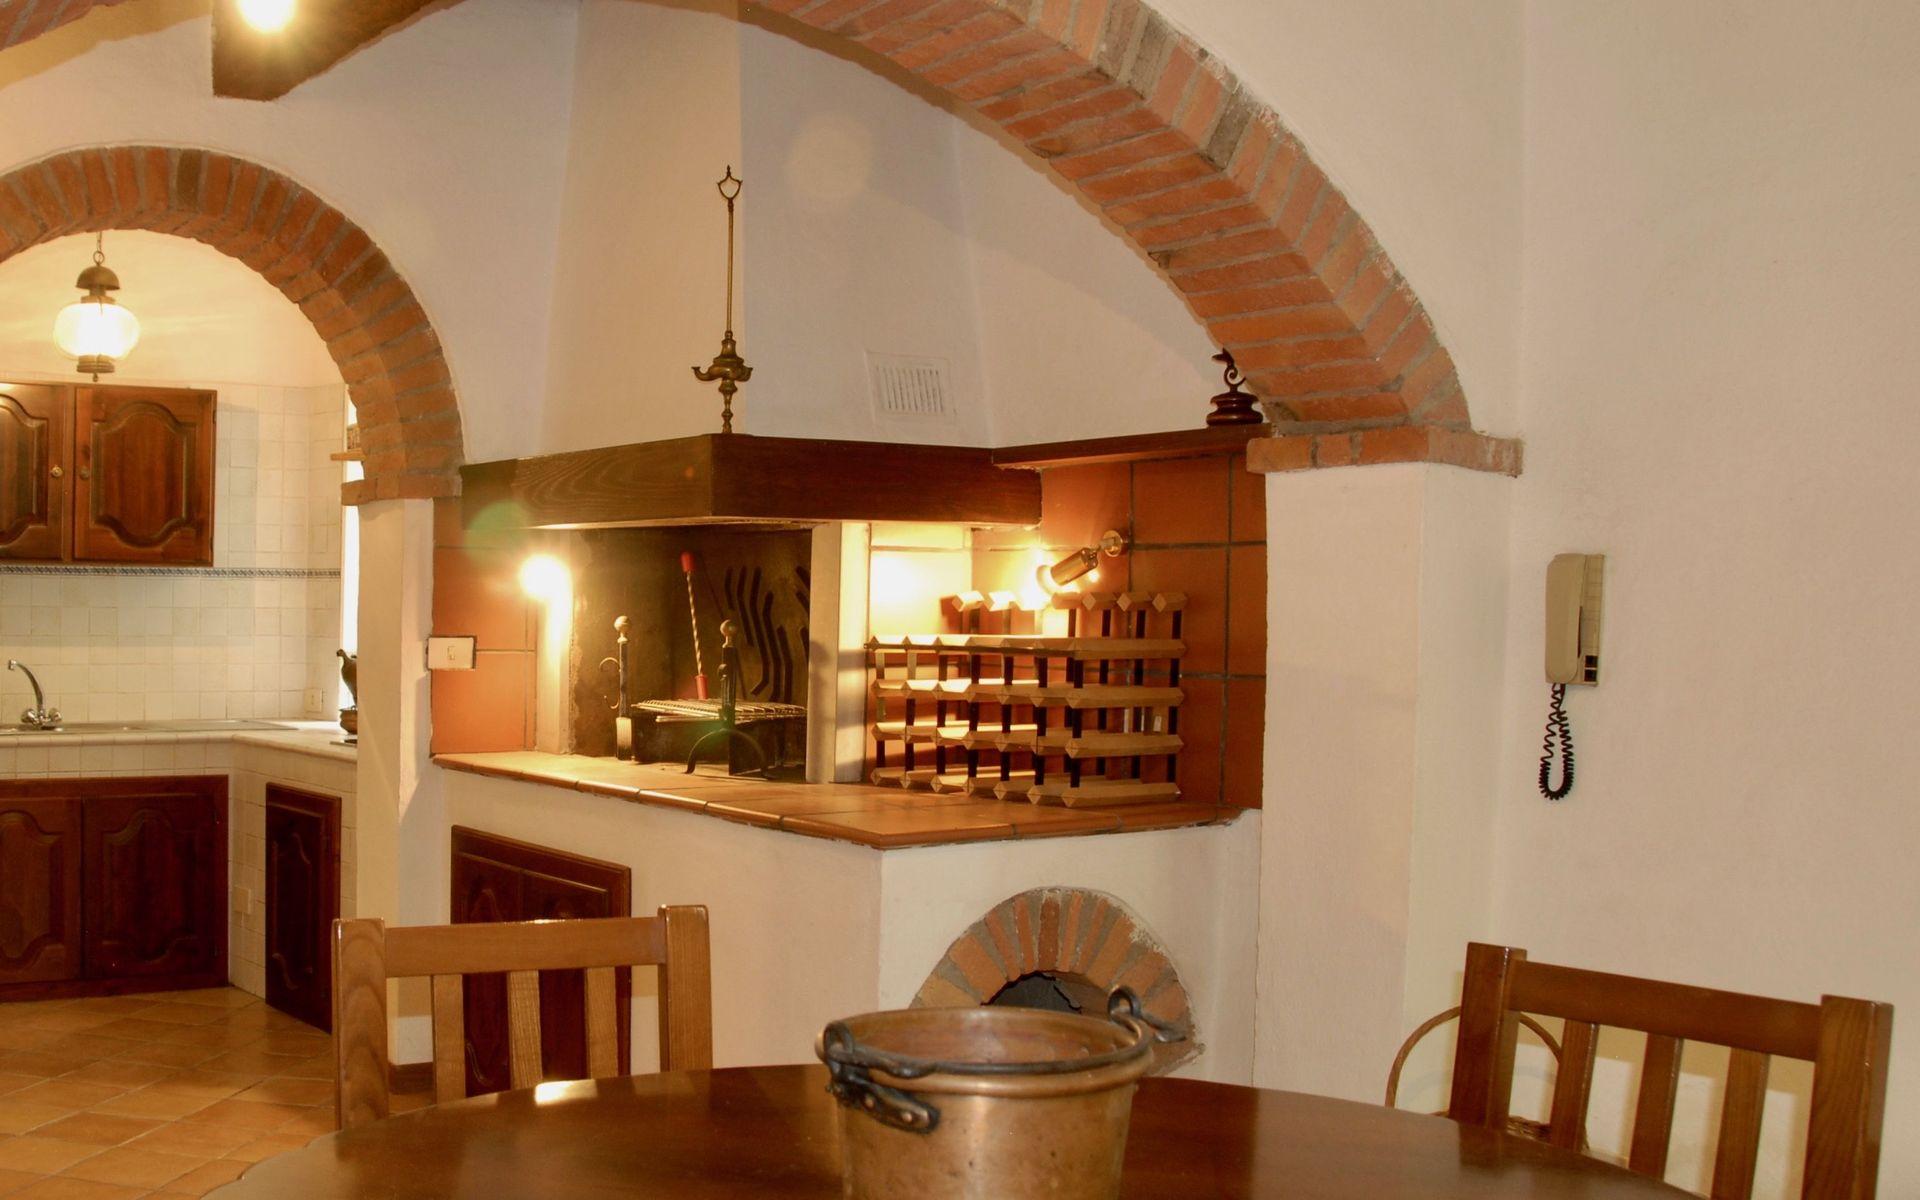 Country House in Foiano Della Chiana - Tuscany - Laura Che Crea Home ...